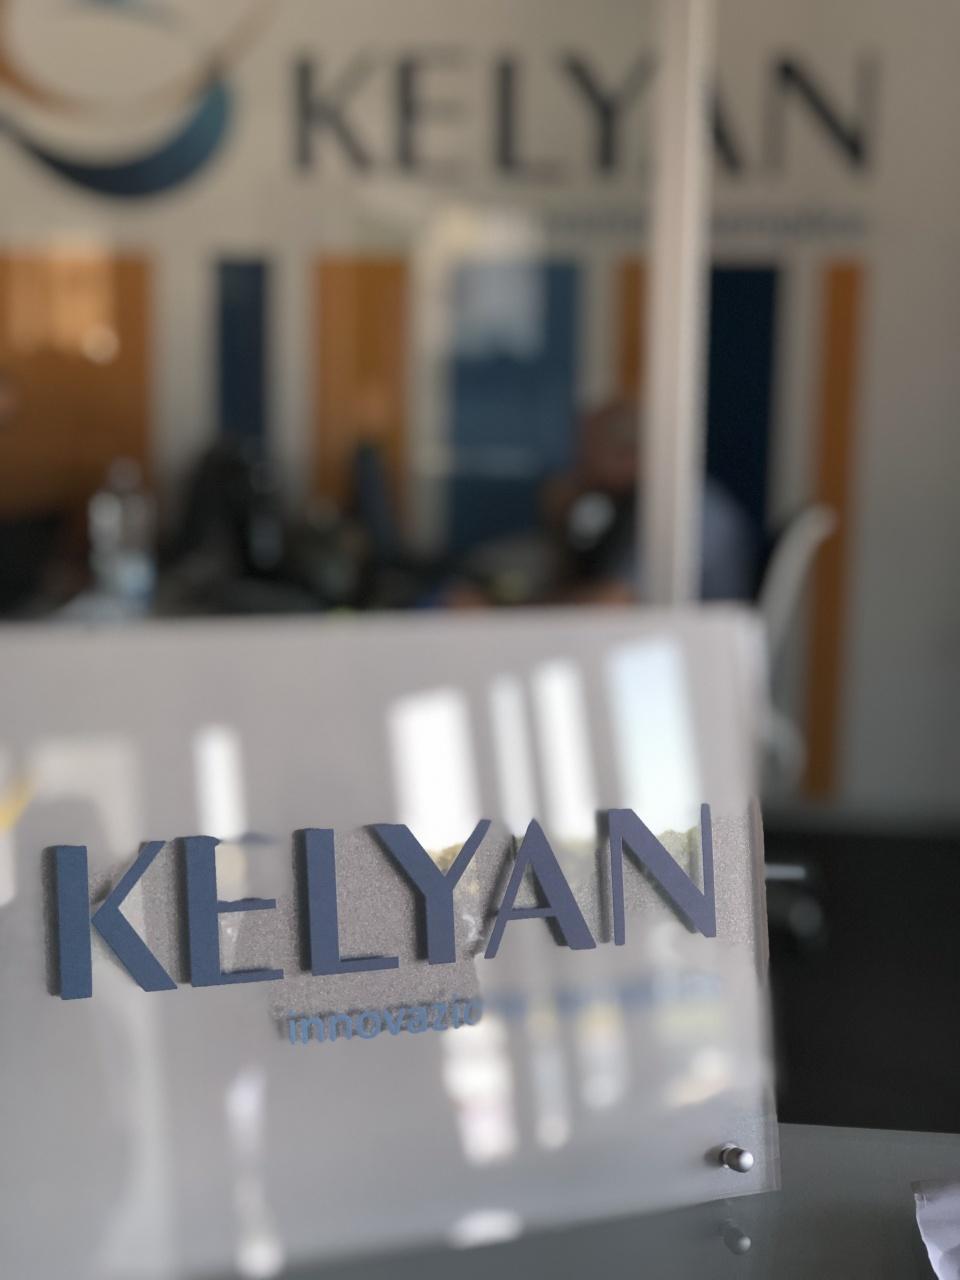 keylan logo